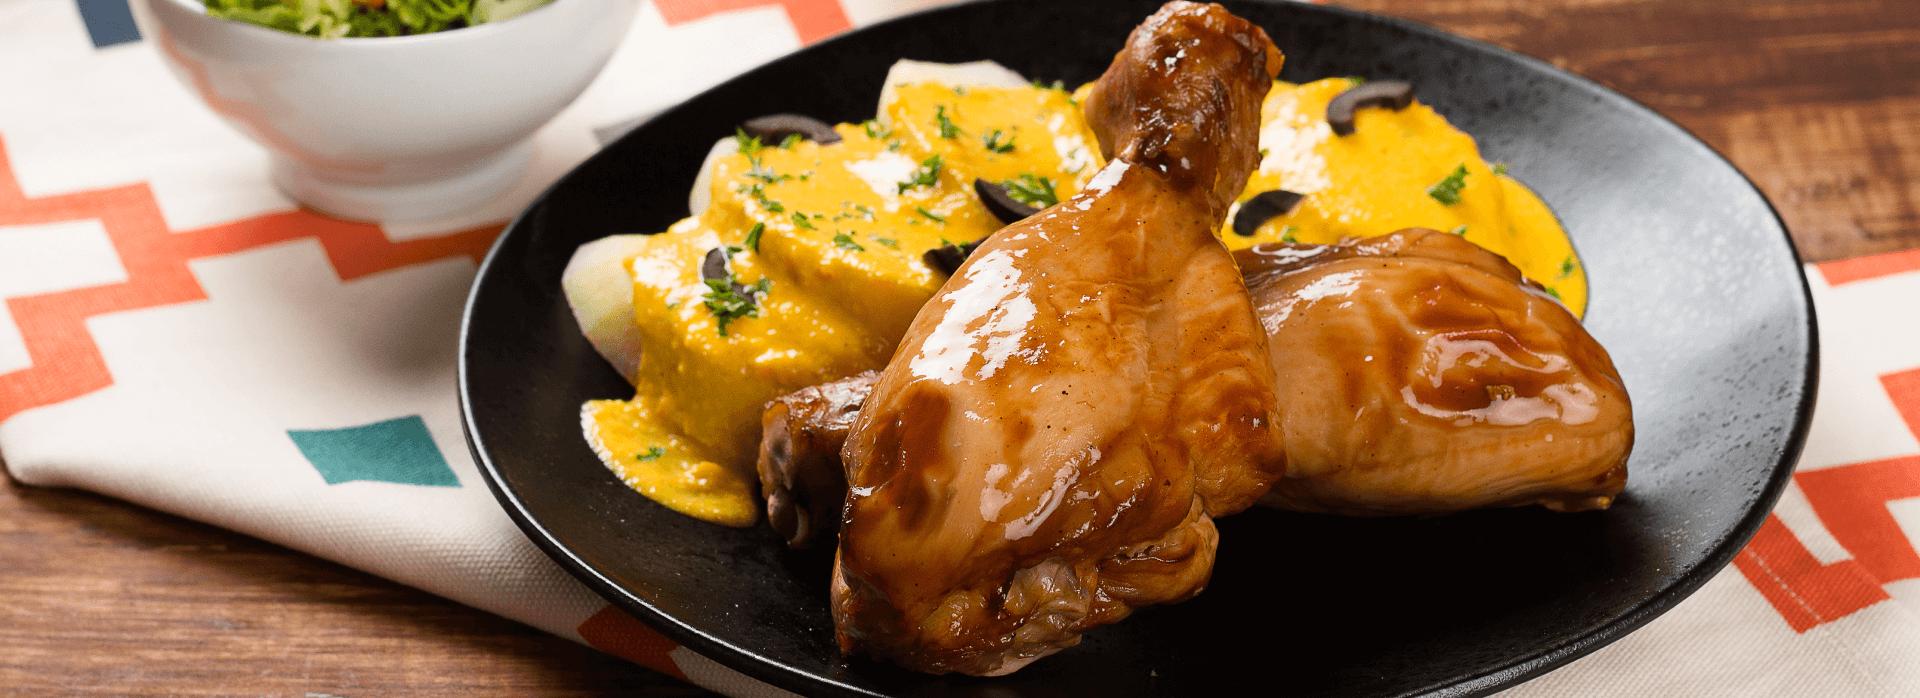 Prueba estos deliciosos muslos de pollo con papas a la huancaína